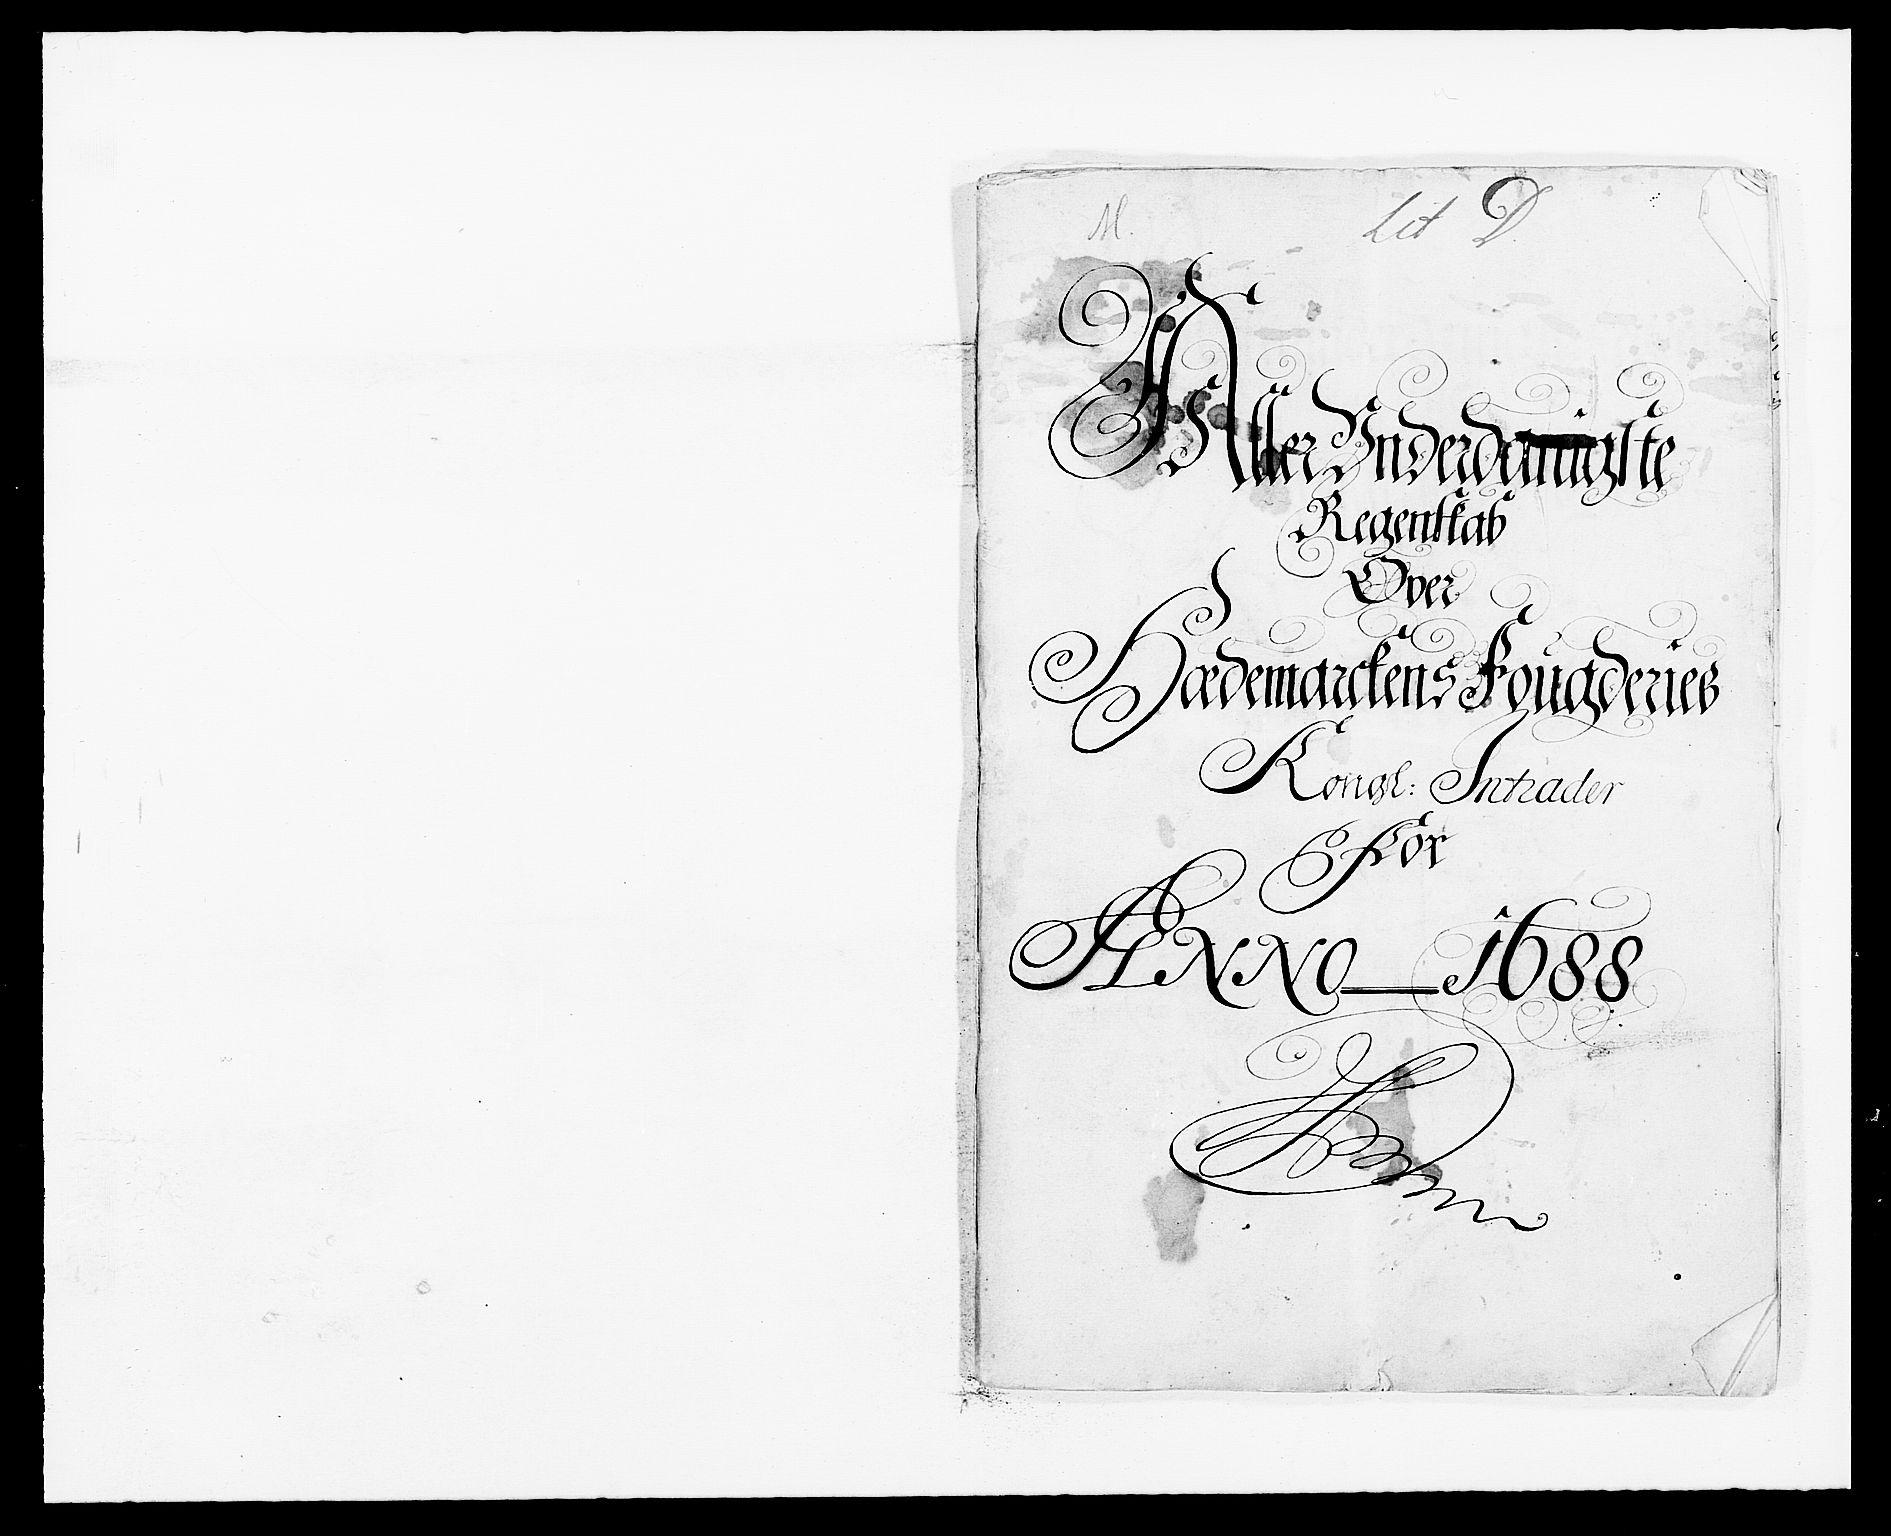 RA, Rentekammeret inntil 1814, Reviderte regnskaper, Fogderegnskap, R16/L1029: Fogderegnskap Hedmark, 1688, s. 1